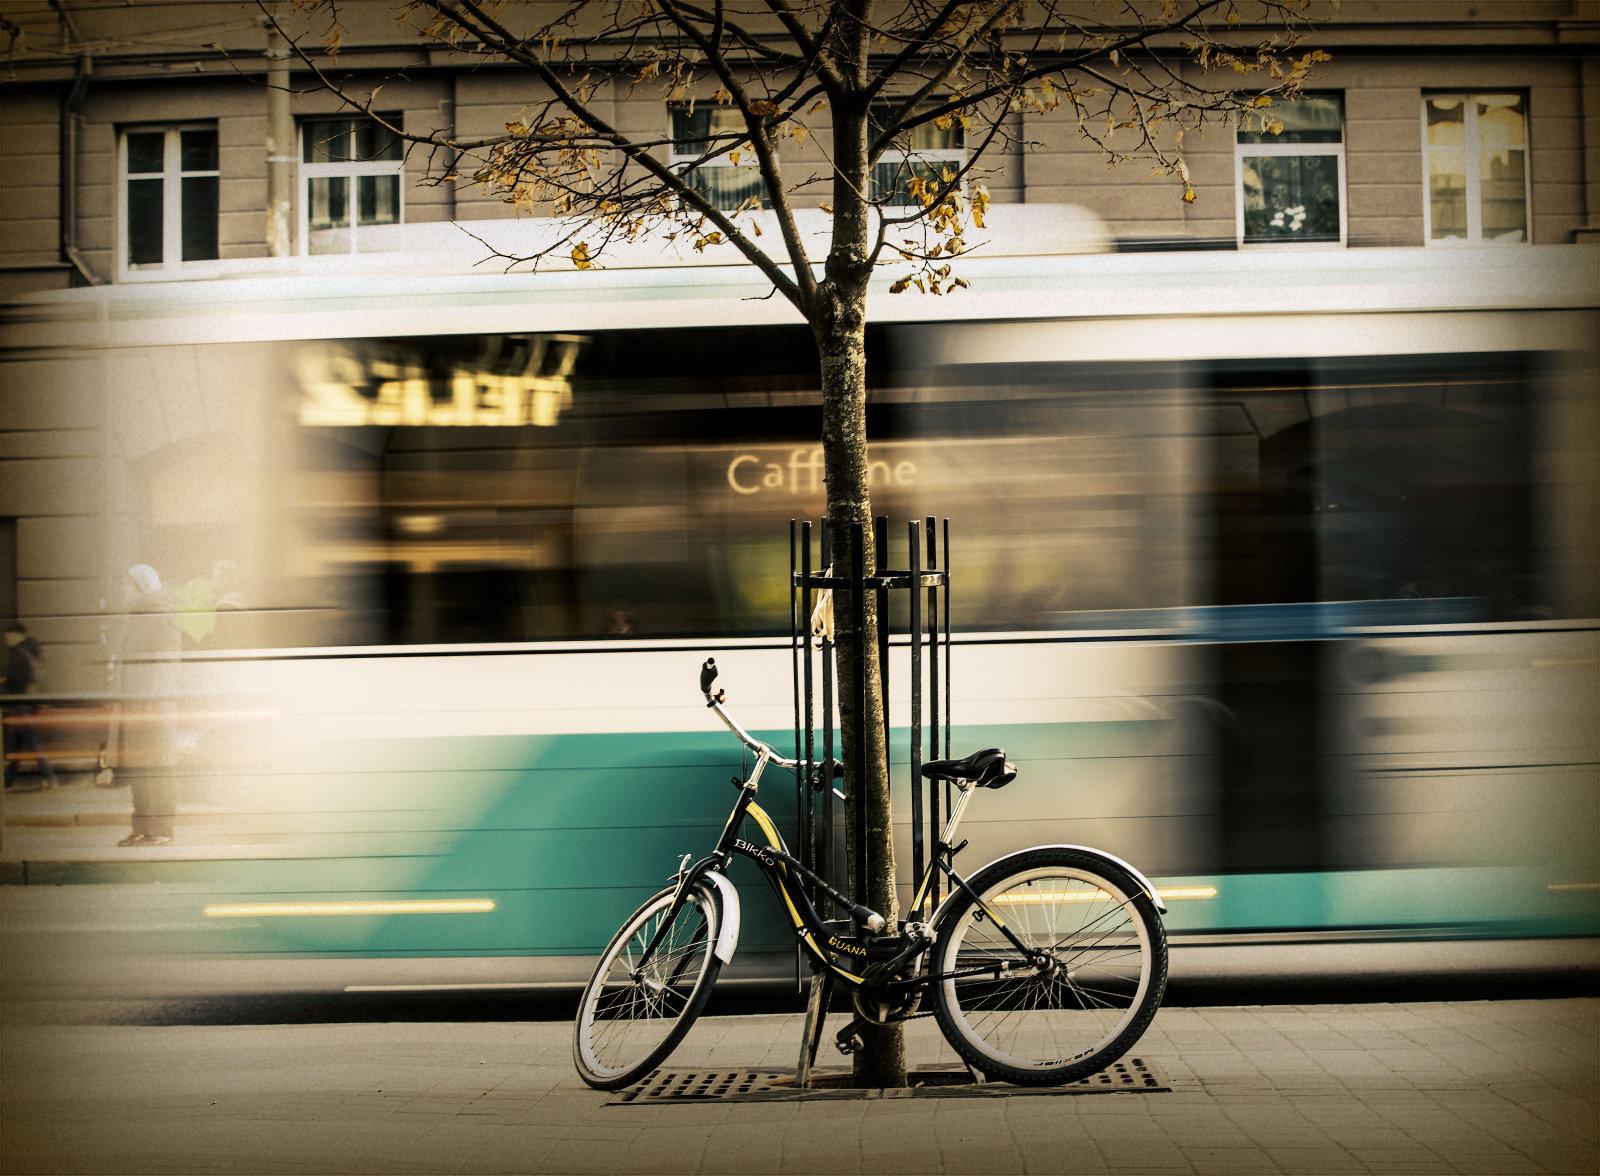 3df5222b39c Tallinnasse voorib iga päev juurde 50 000 autot. Linn jääb neile kitsaks